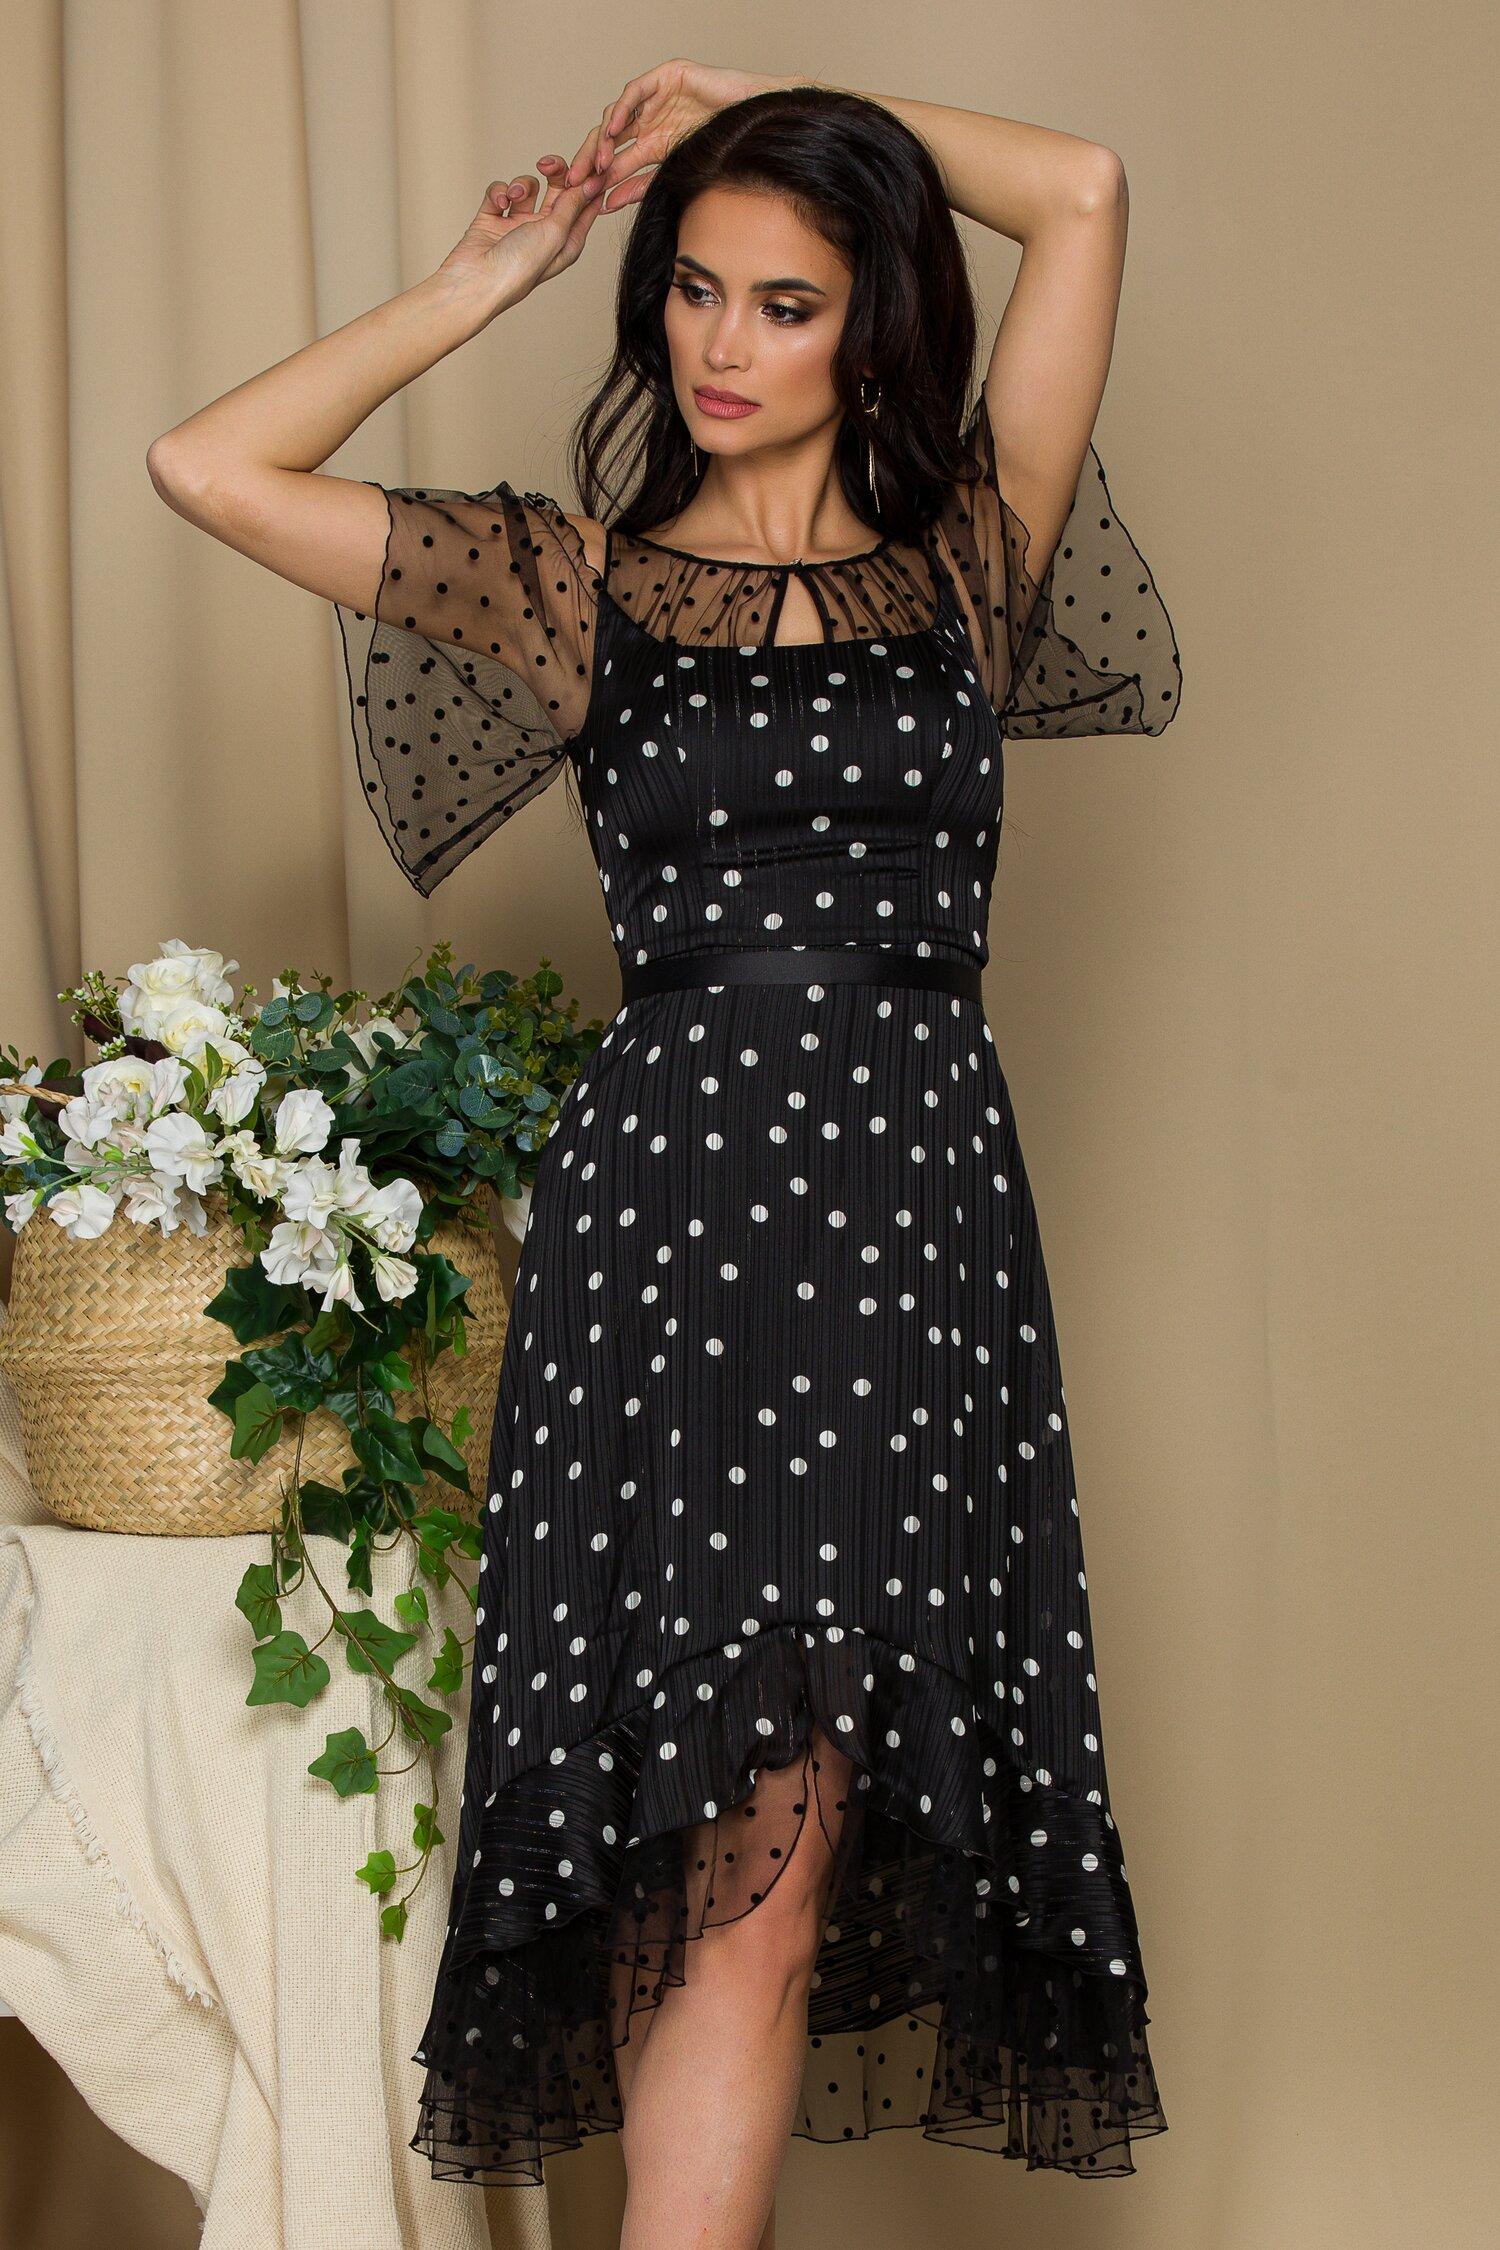 rochie leonard collection neagra cu fir stralucitor si buline albe accesorizata cu tull si buline catifelate 642300 4